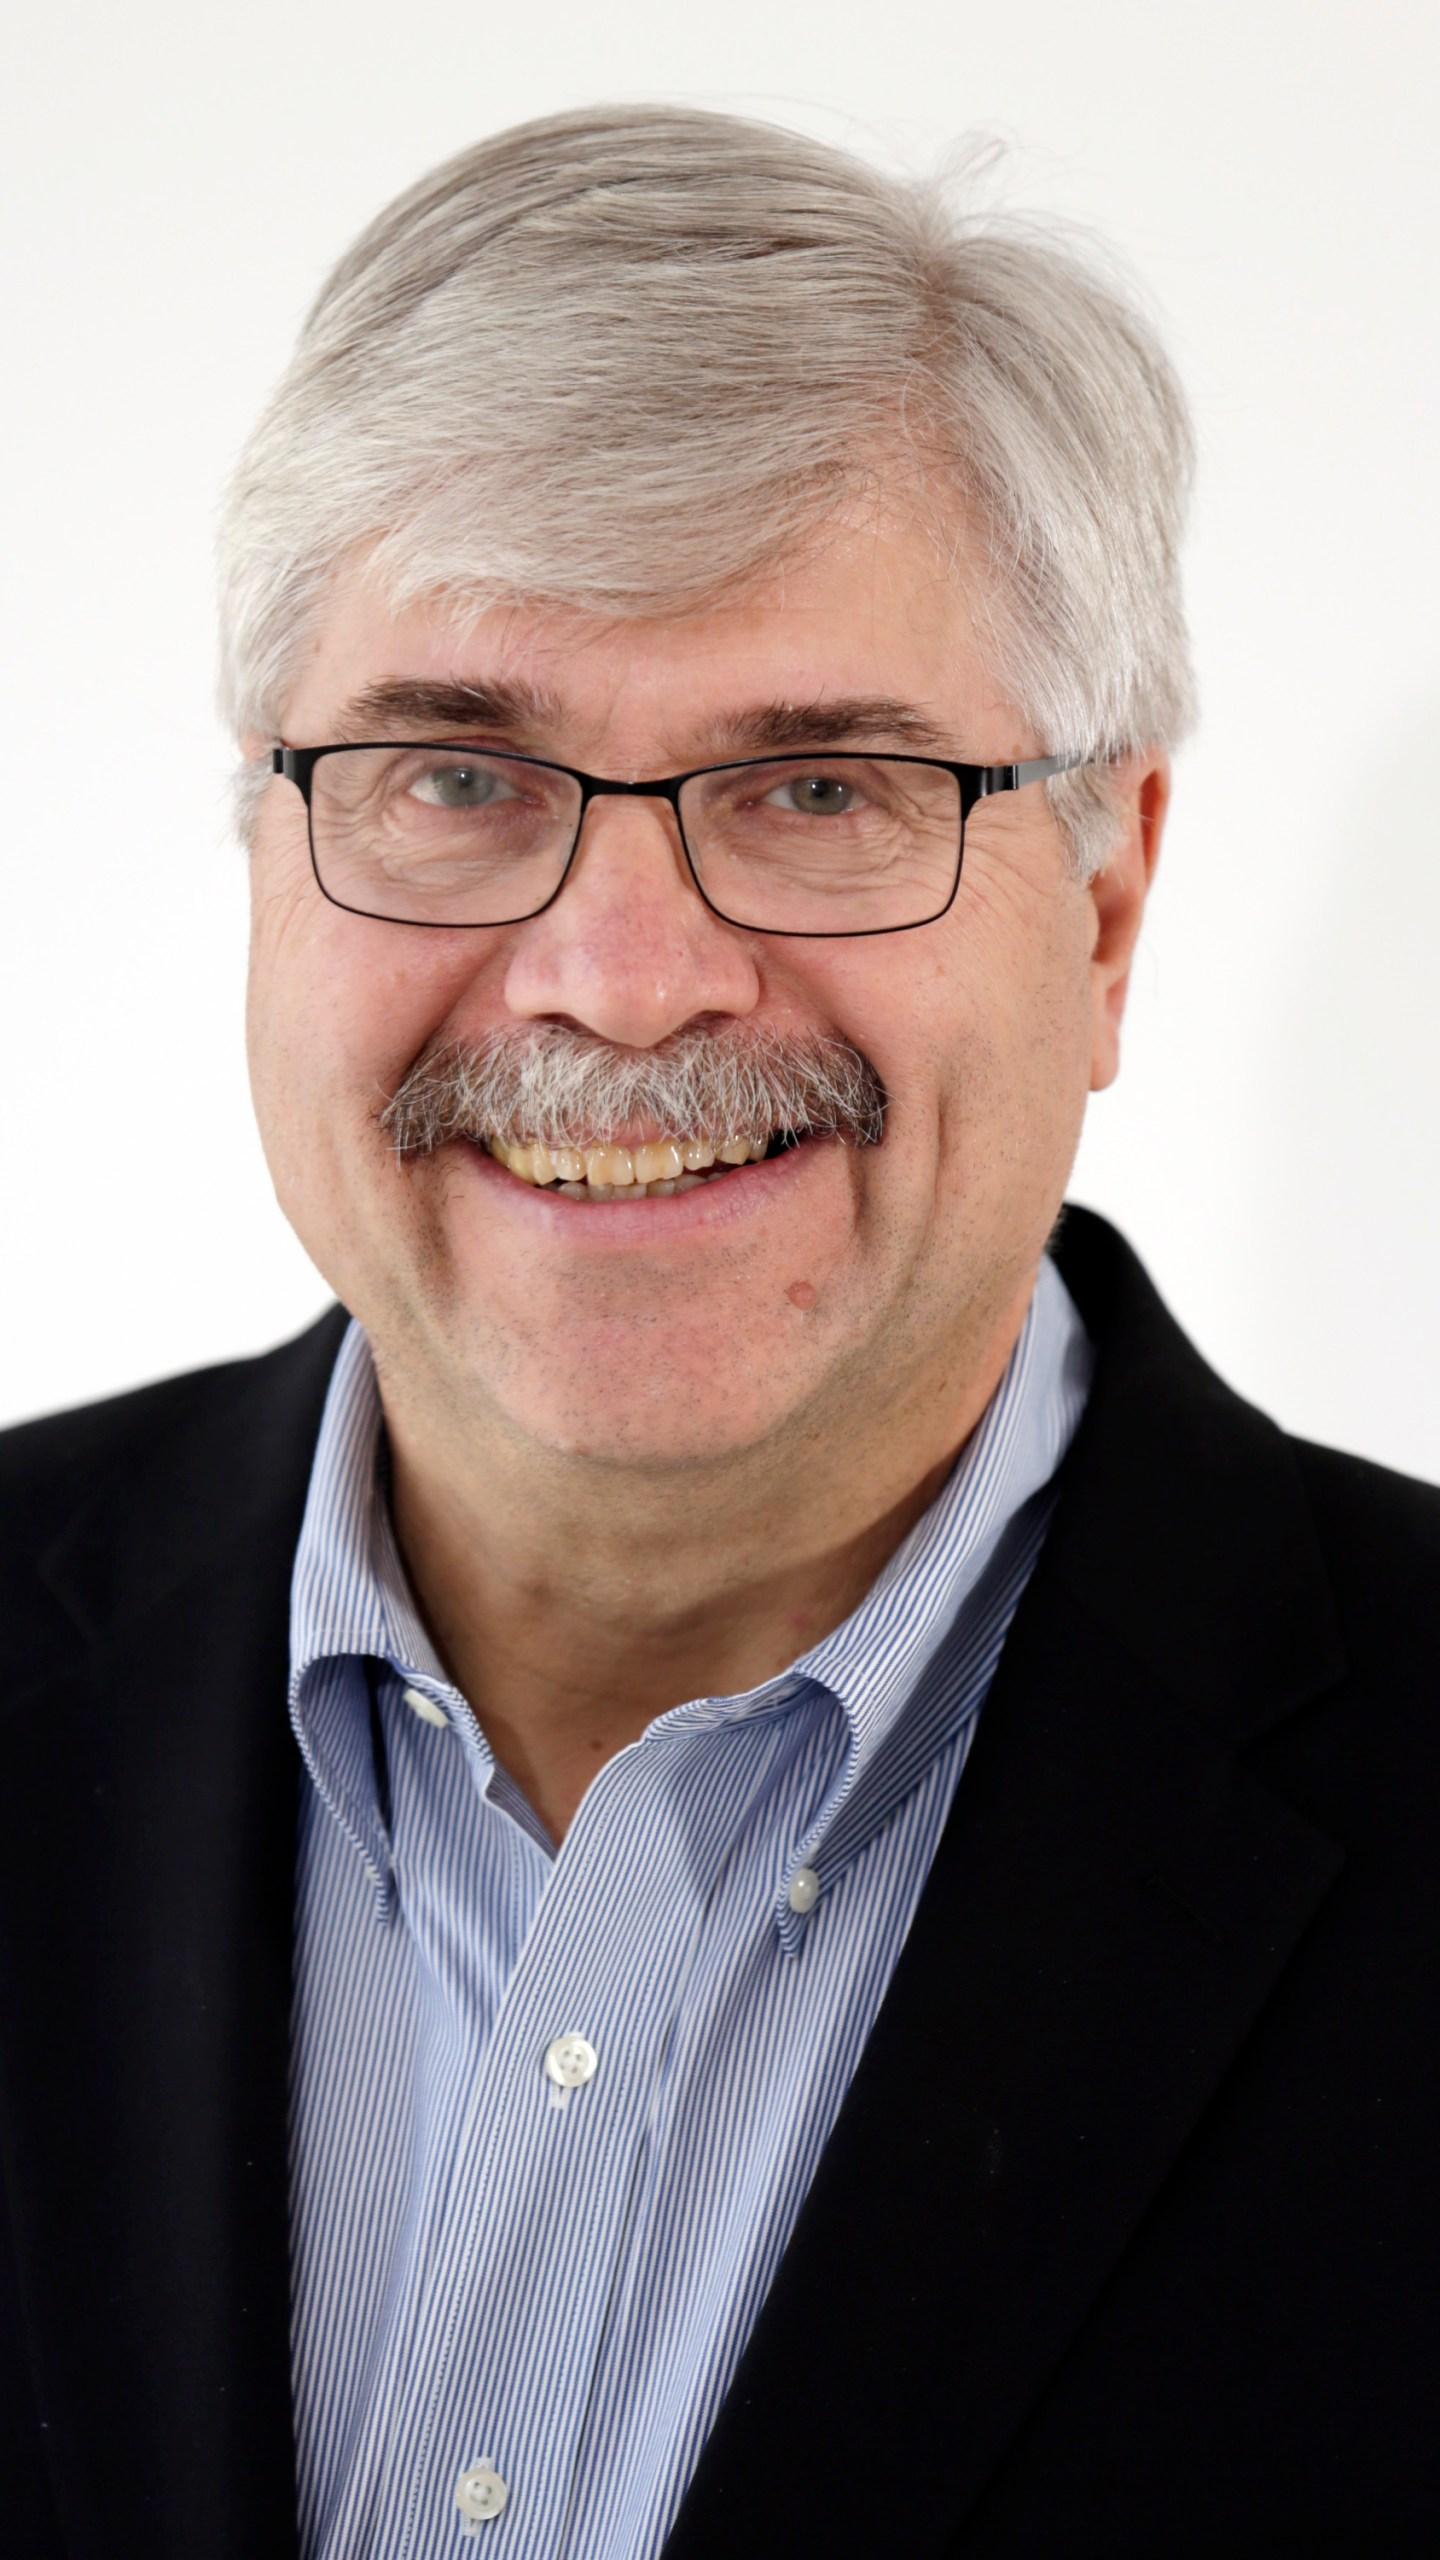 John Daniszewski